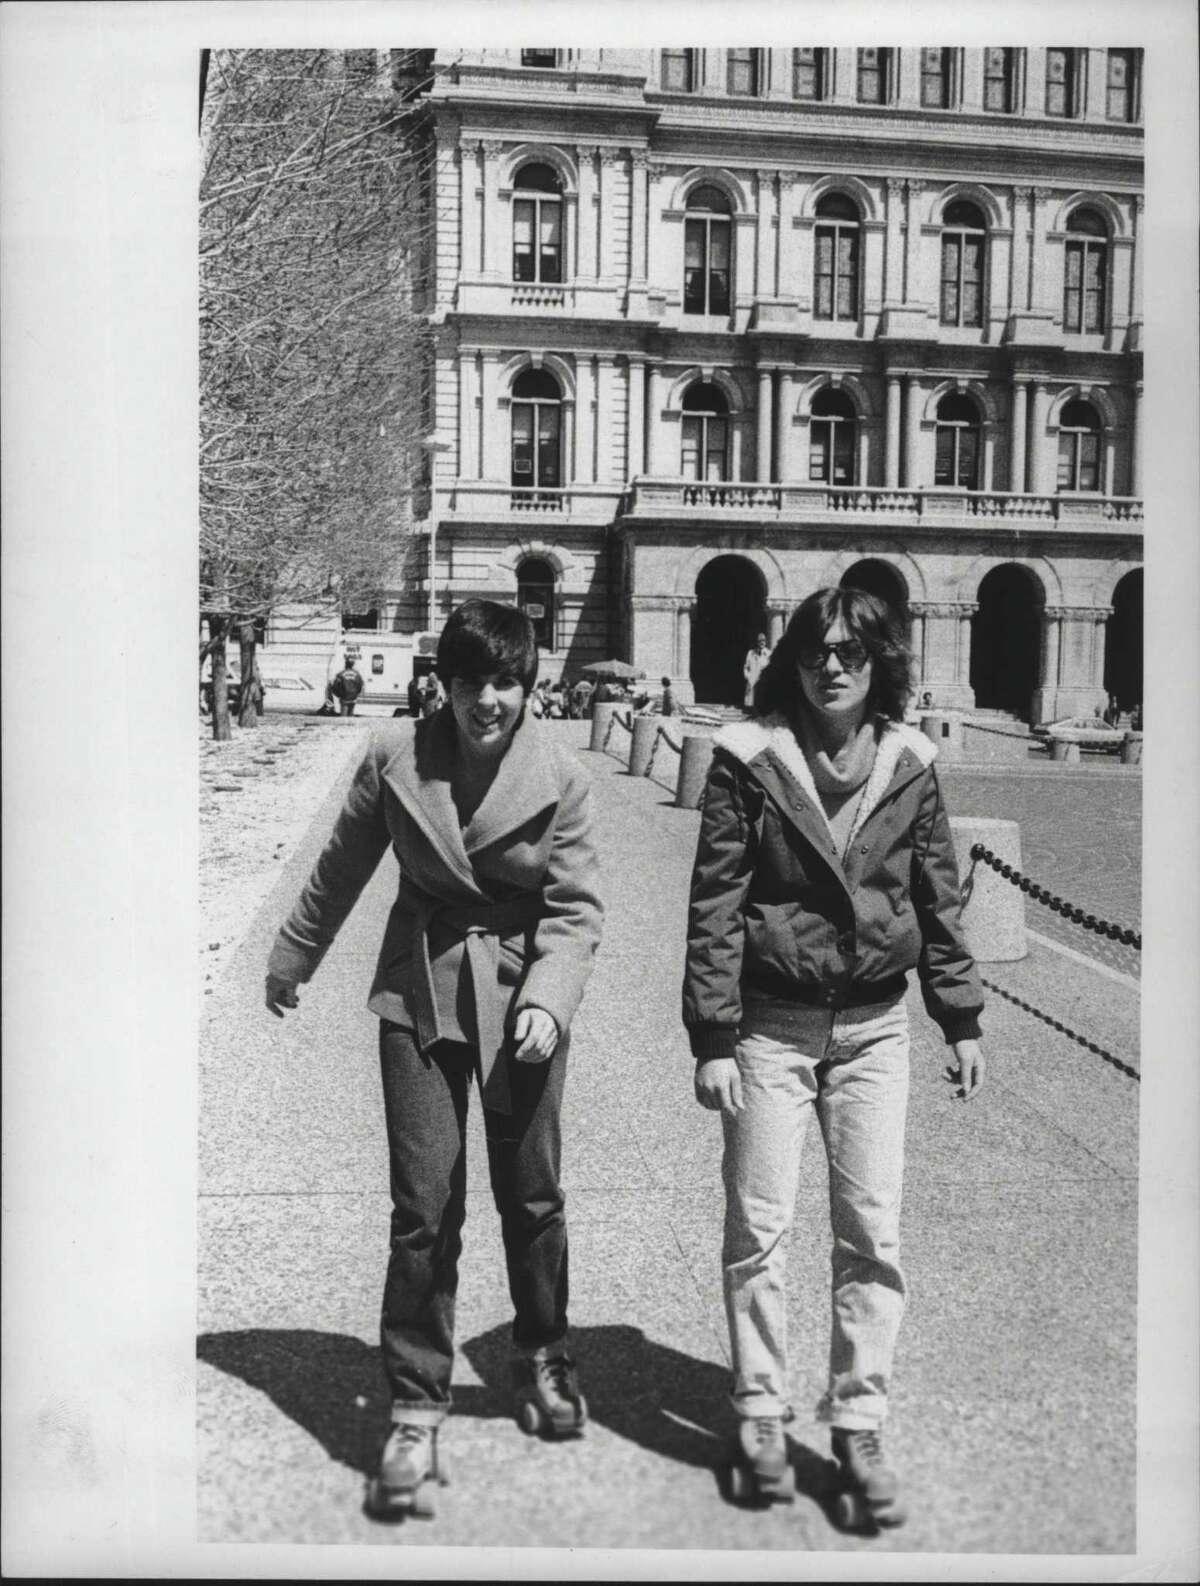 Sue Valente & Sue Morse roller skate in Albany, New York. April 24, 1980 (Times Union Archive)